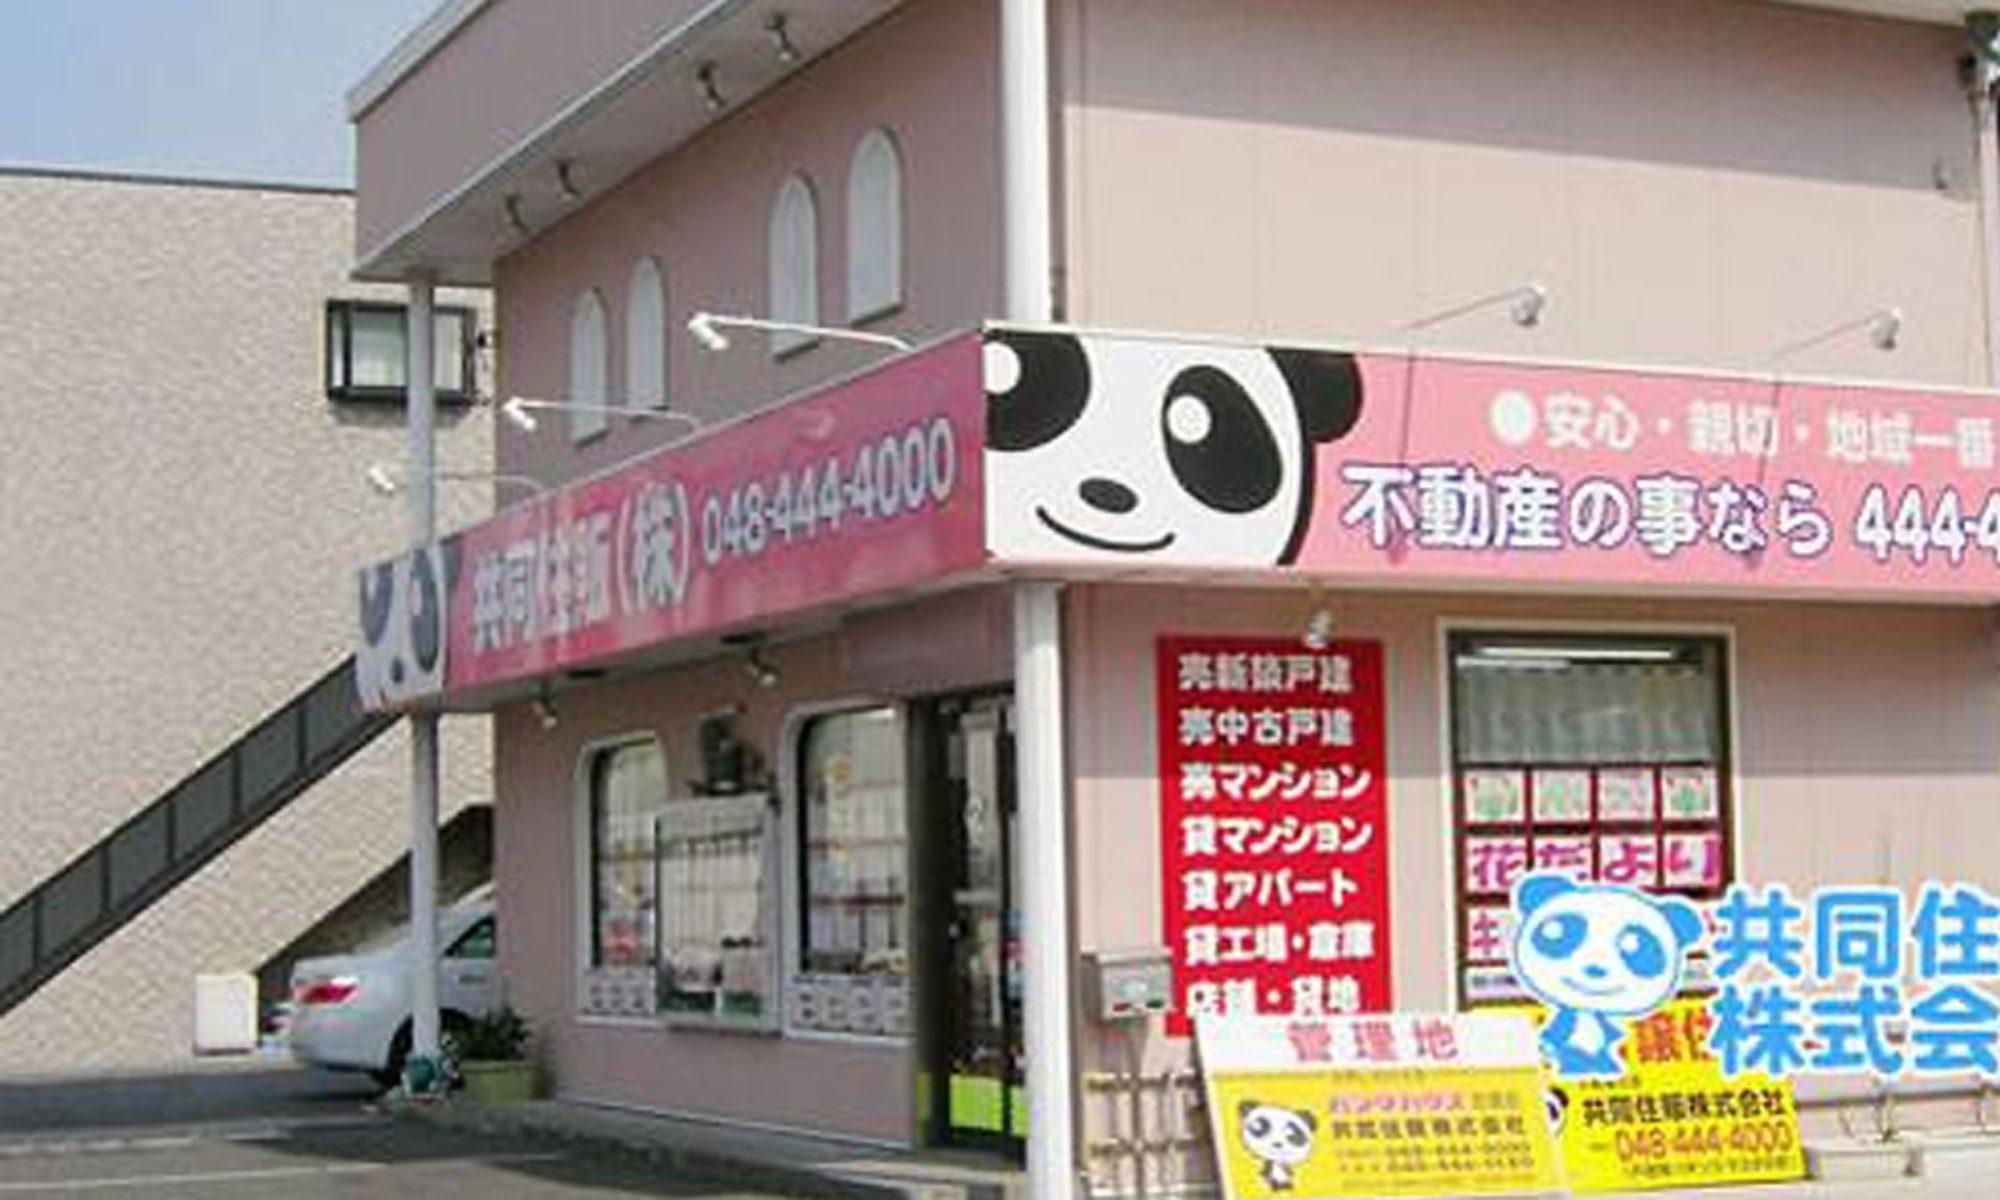 パンダハウス戸田駅西口店 共同住販株式会社